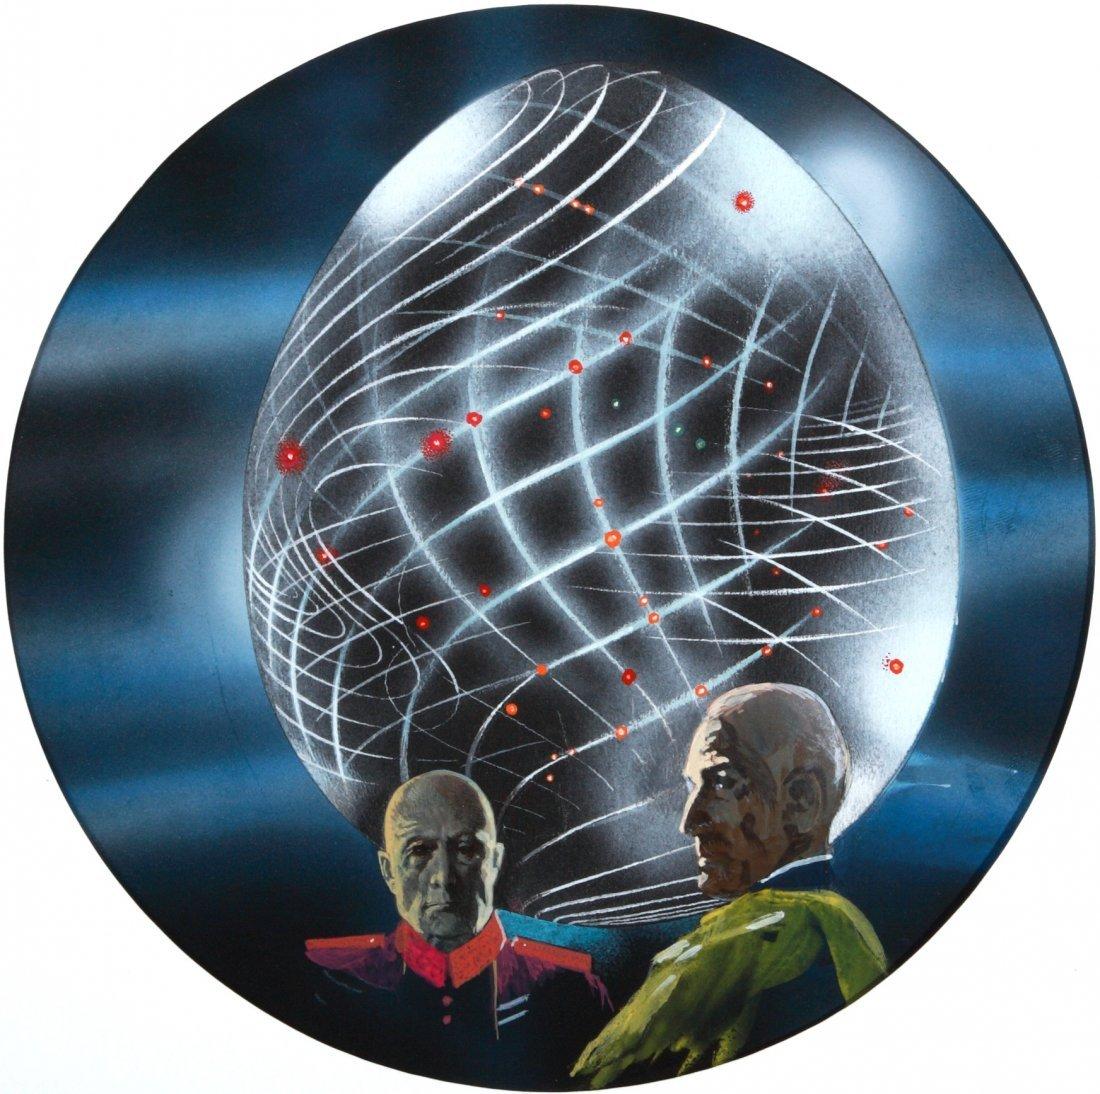 Karel Thole - Le correnti dello spazio